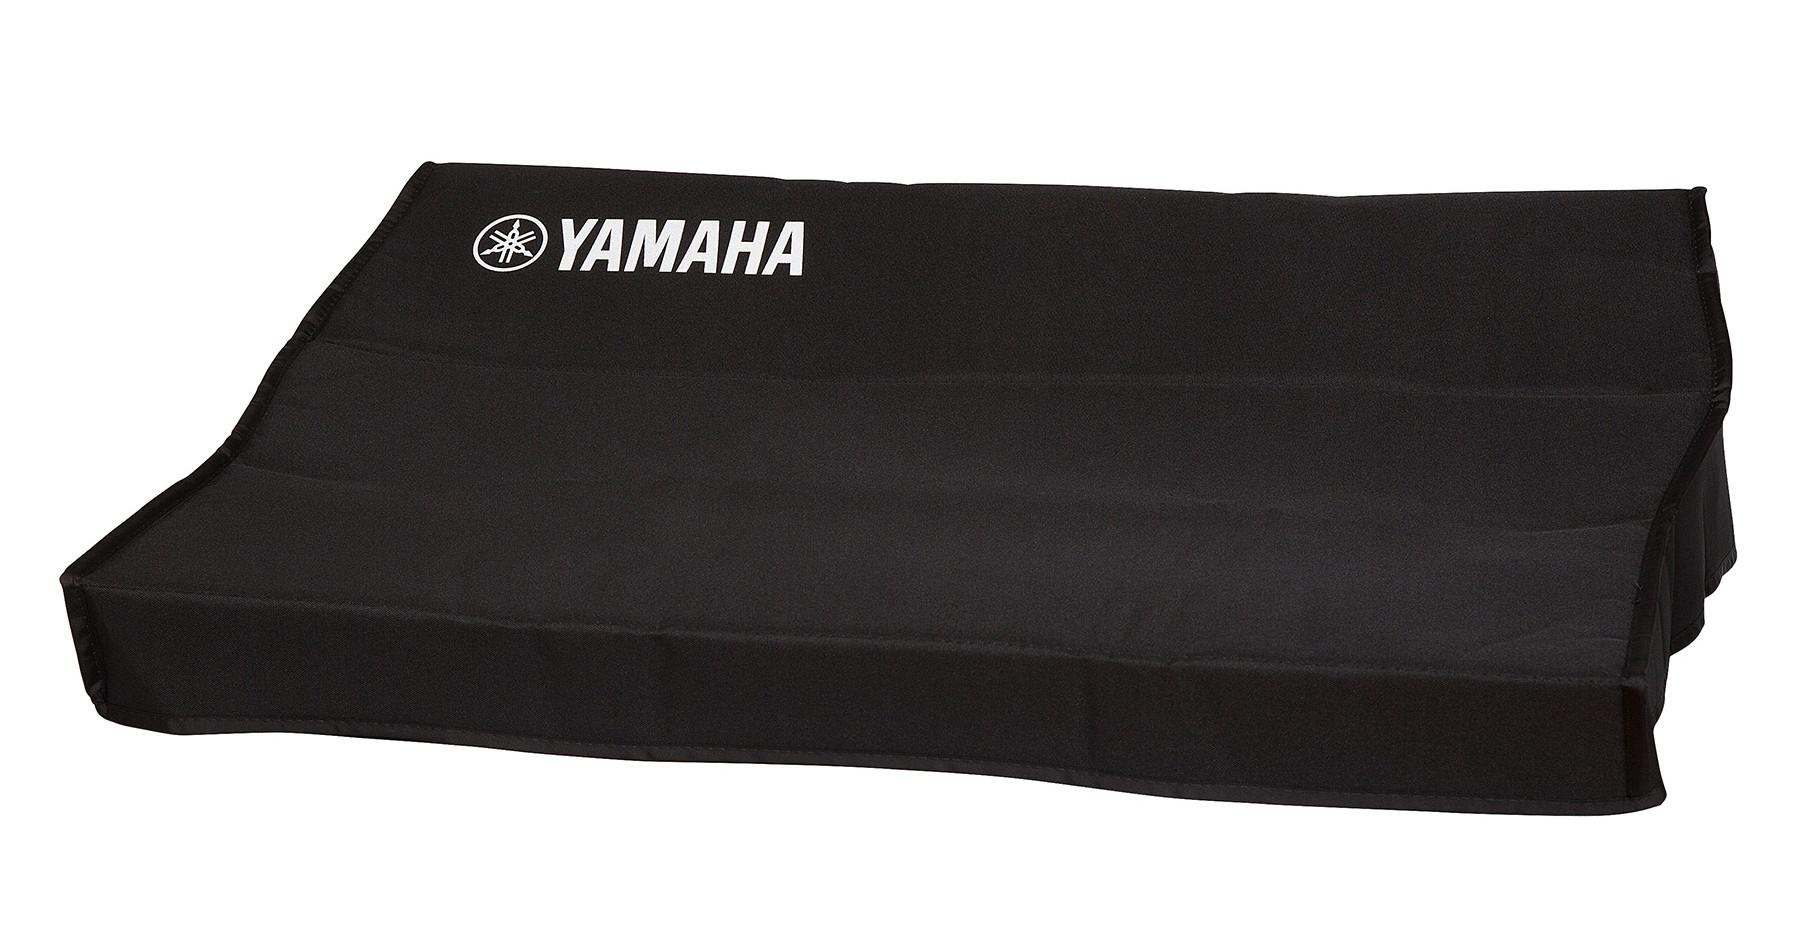 Mischpult YAMAHA EMX 5016 CF Abdeckung Staubschutz Dust Cover Viktory